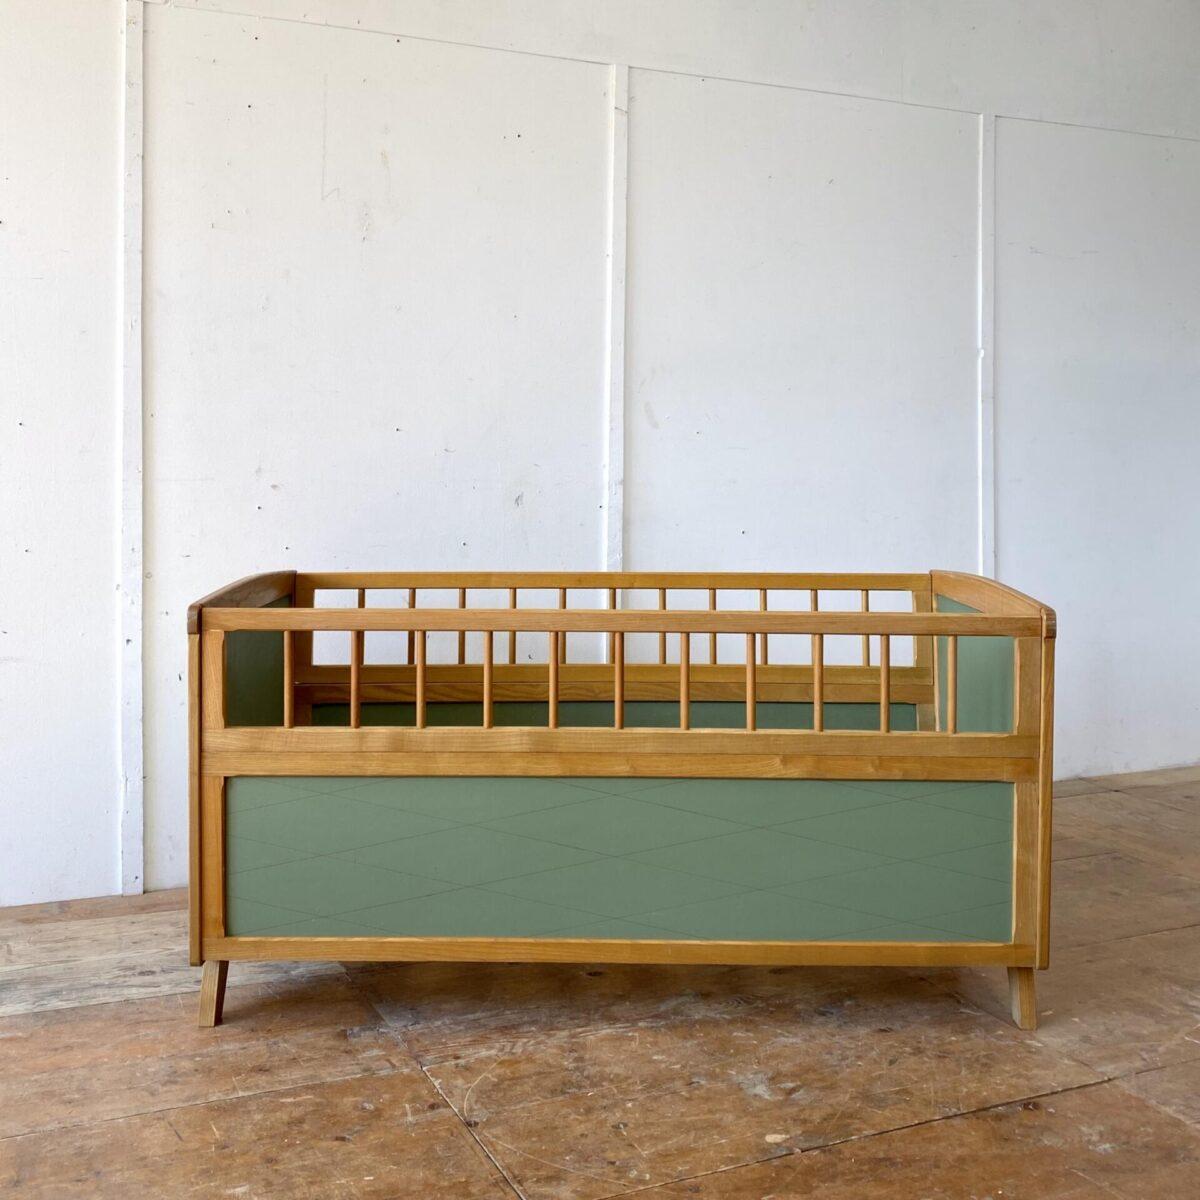 Deuxieme.shop vintage Kinderbett 60er Jahre swissdesign. Kinderbett aus Esche mit grünen Pavatex Füllungen. 150x82cm Höhe 78cm. Eine passgenaue Matratze müsste 145x68.5cm haben. Das Bett kann einfach zusammen gesteckt werden, die oberen zwei Sprossenelemente können weggenommen werden. Das Bett ist in sauberen stabilen Zustand.